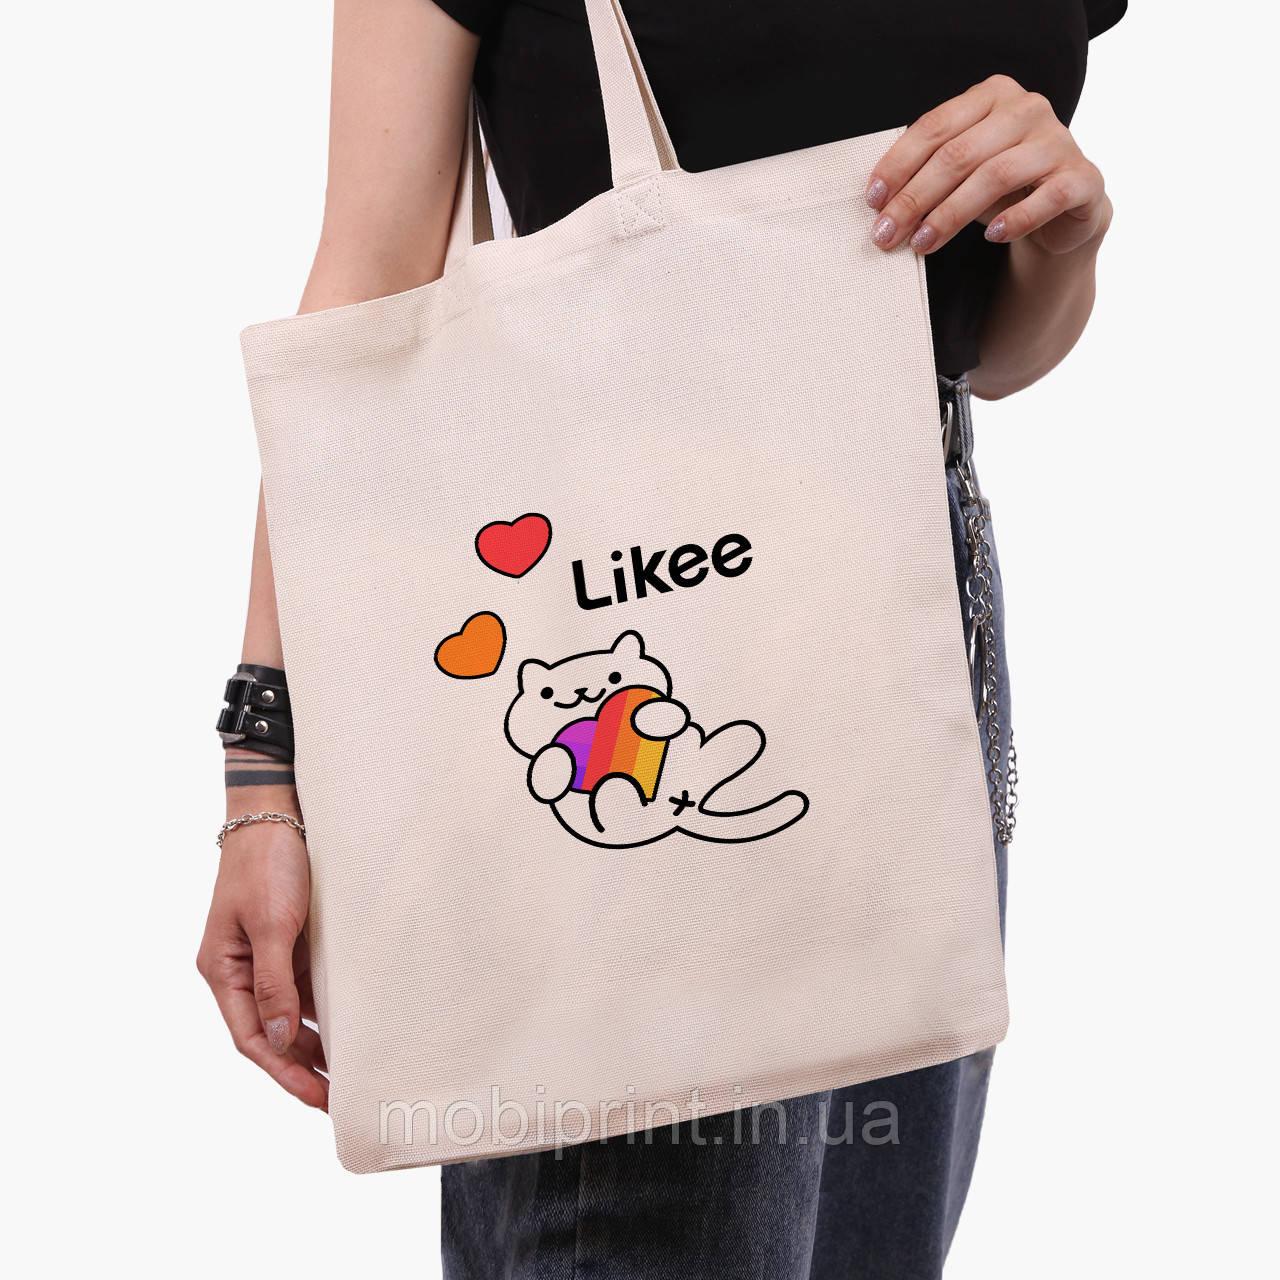 Эко сумка шоппер Лайк (Likee) (9227-1039)  экосумка шопер 41*35 см